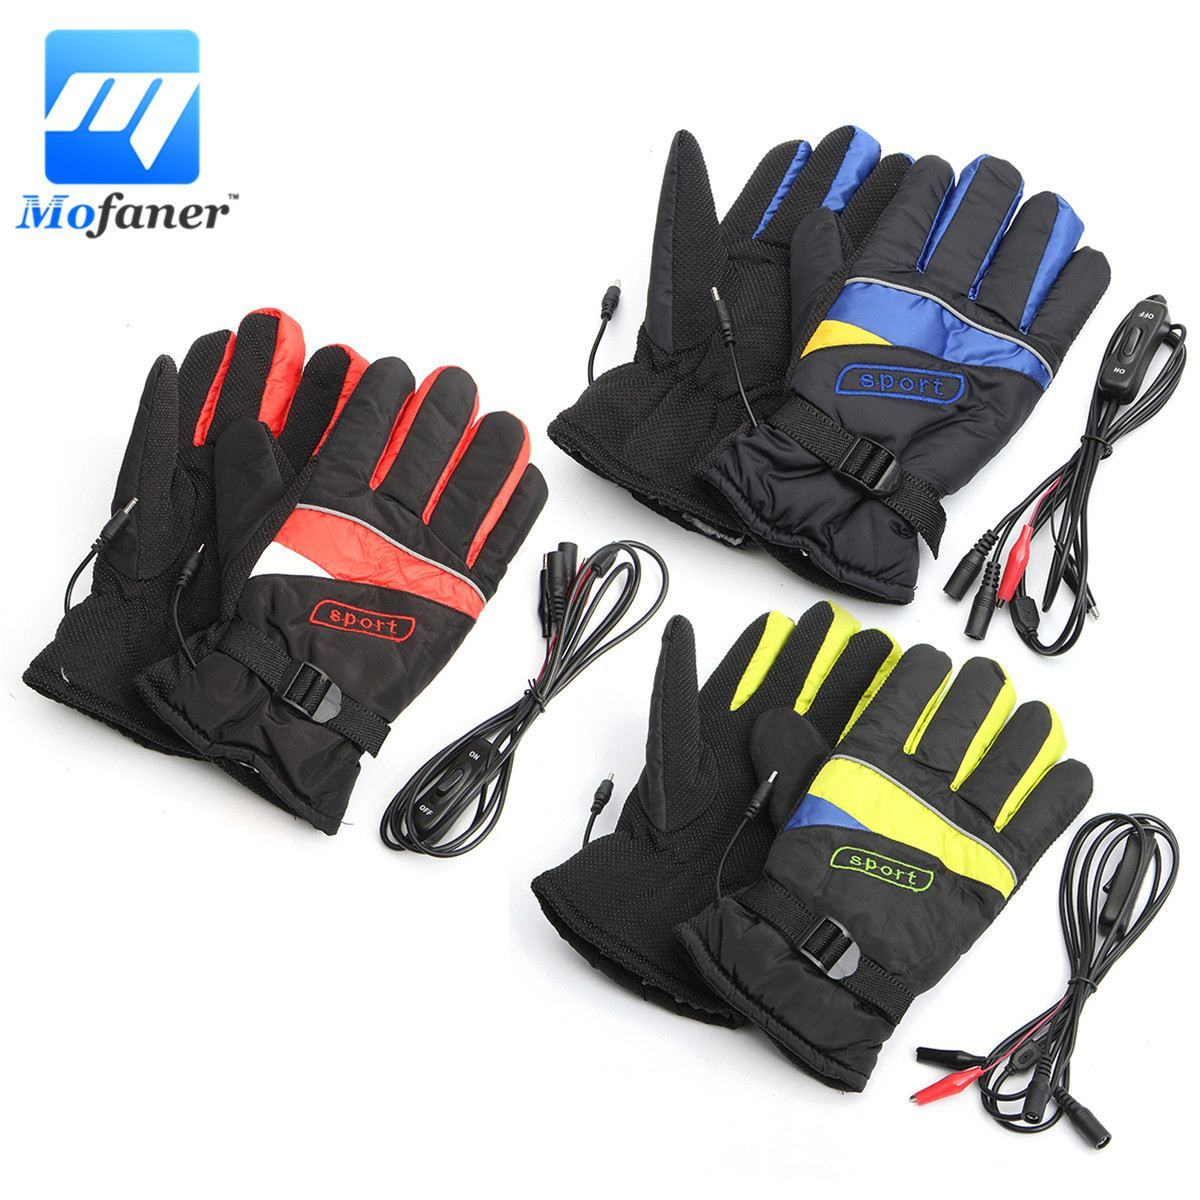 Mofaner Waterproof Motorcycle Electric Heating Gloves Motorbike Bicycle Winter Warmer Gloves Outdoor Ski Li-ion Battery Gloves